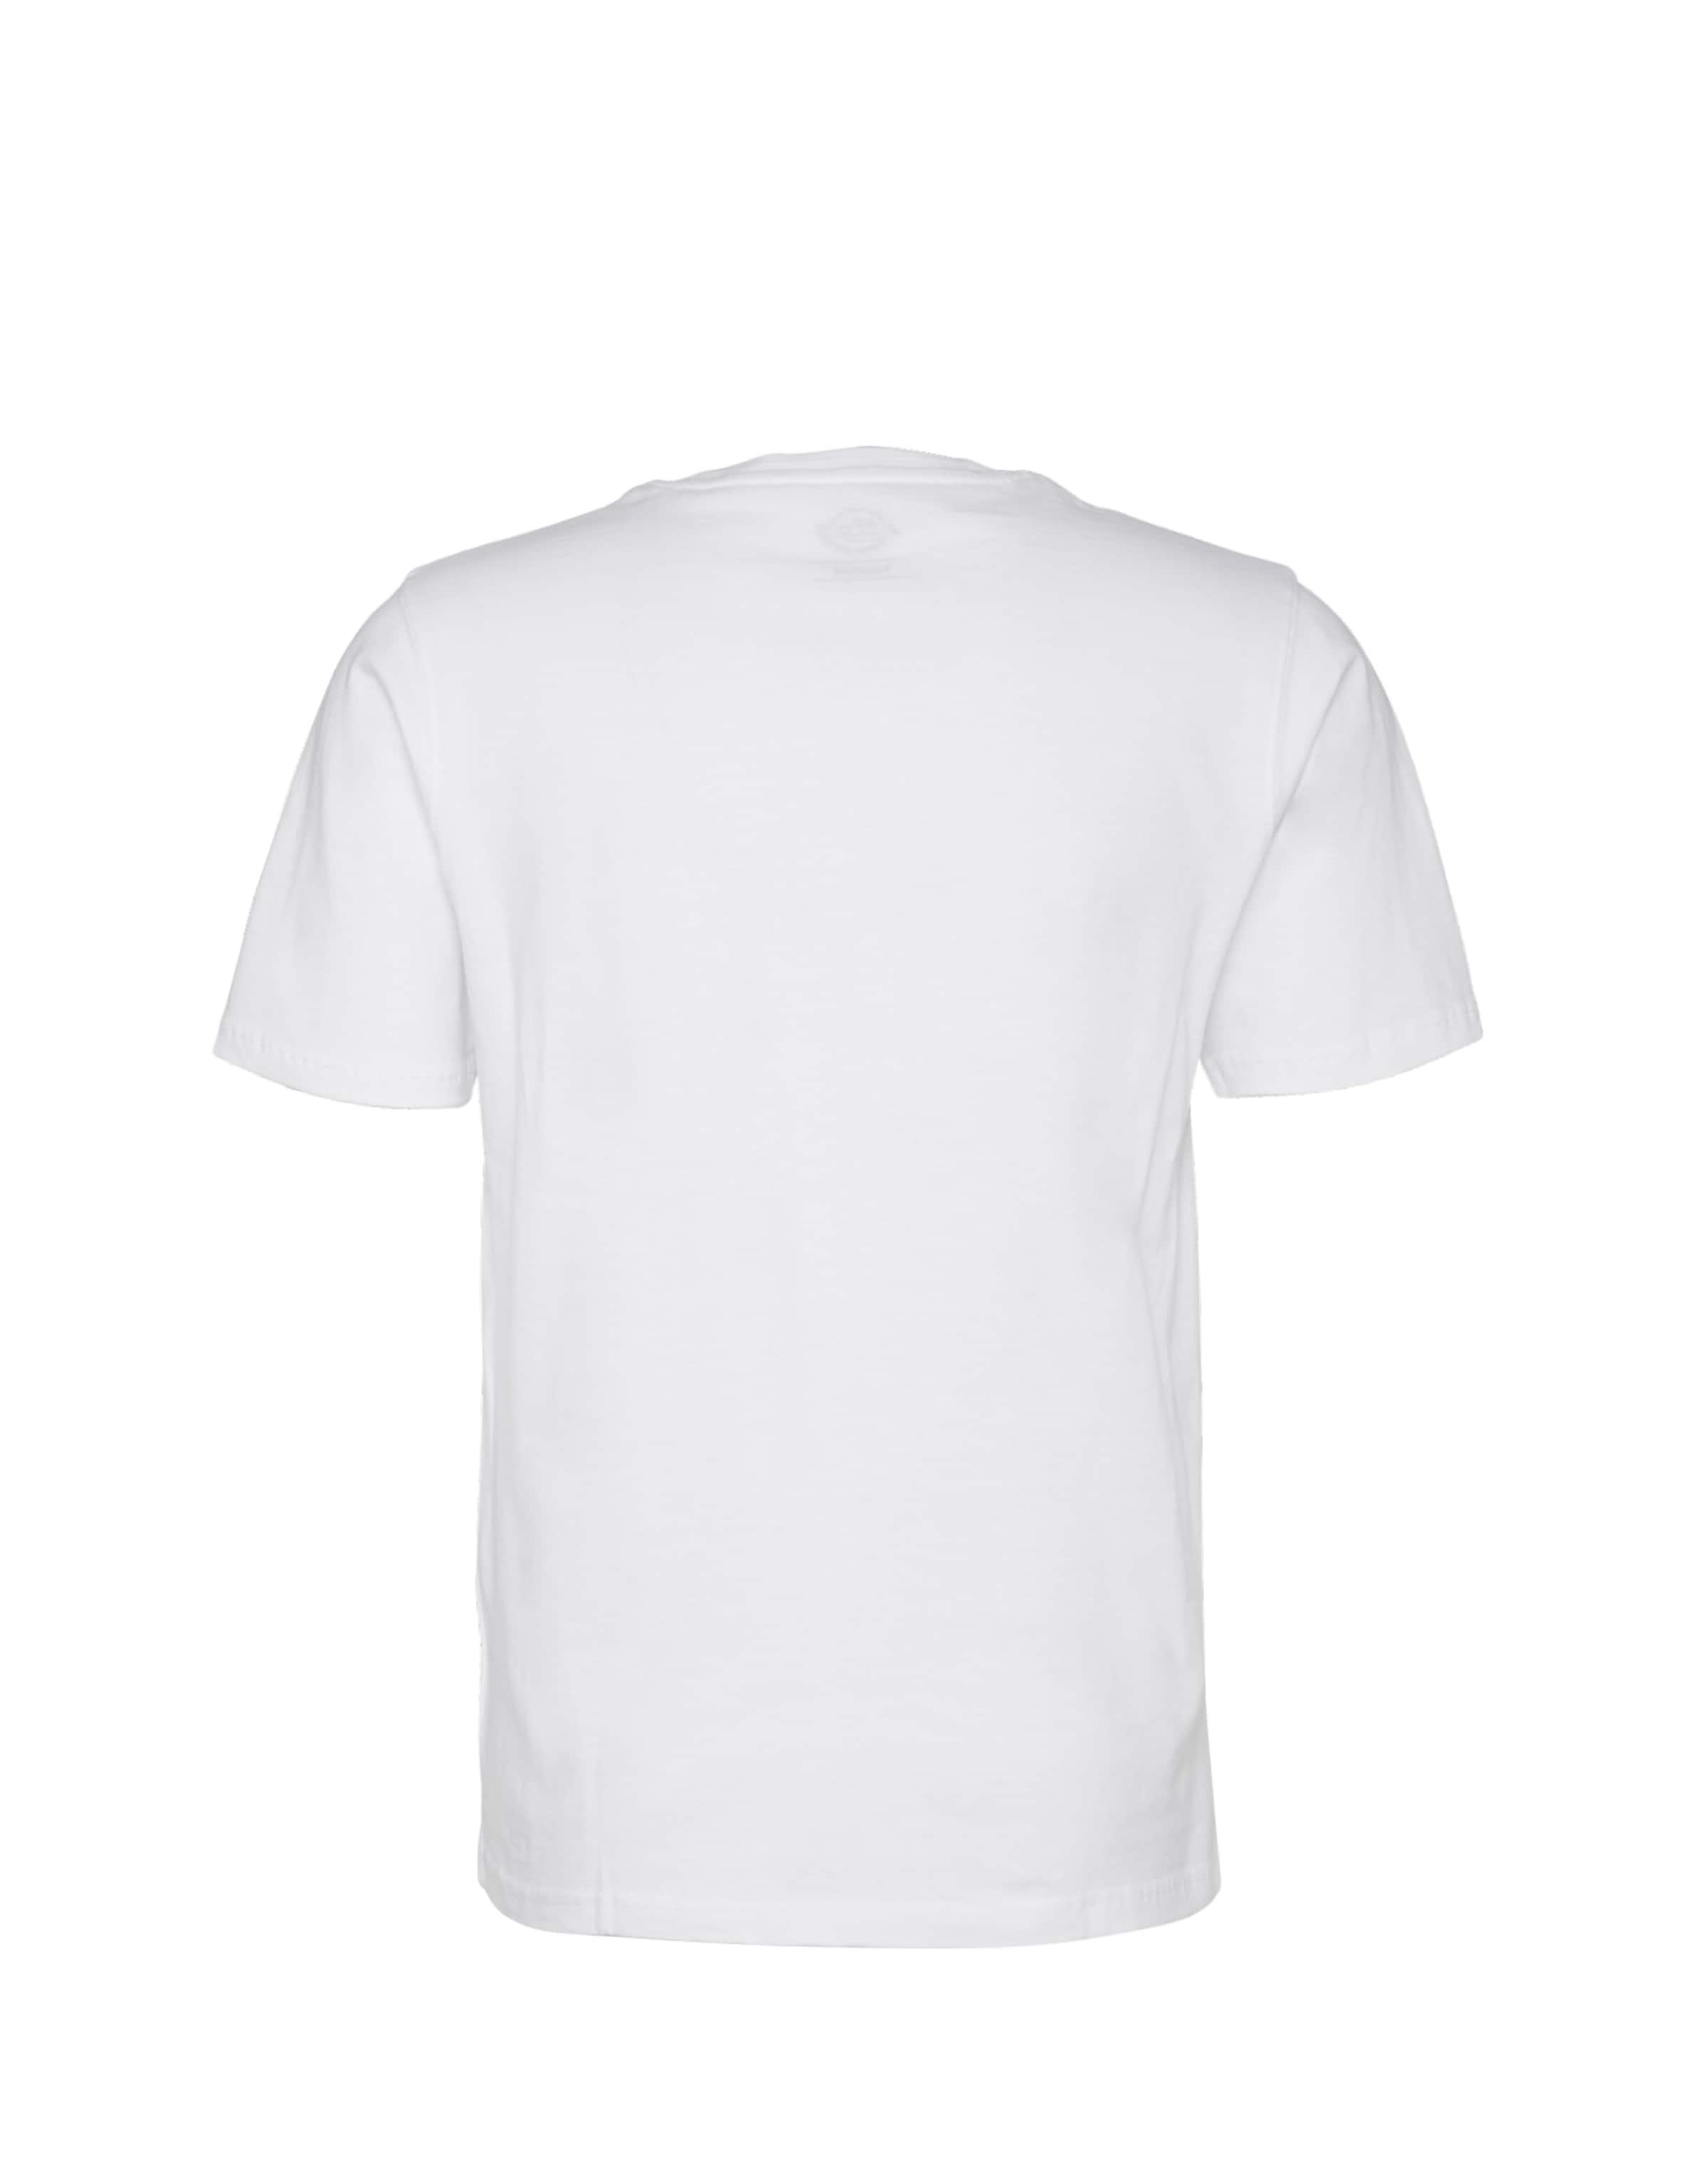 DICKIES T-Shirt Rabatt Ausgezeichnet Freies Verschiffen Günstigsten Preis UmVmC